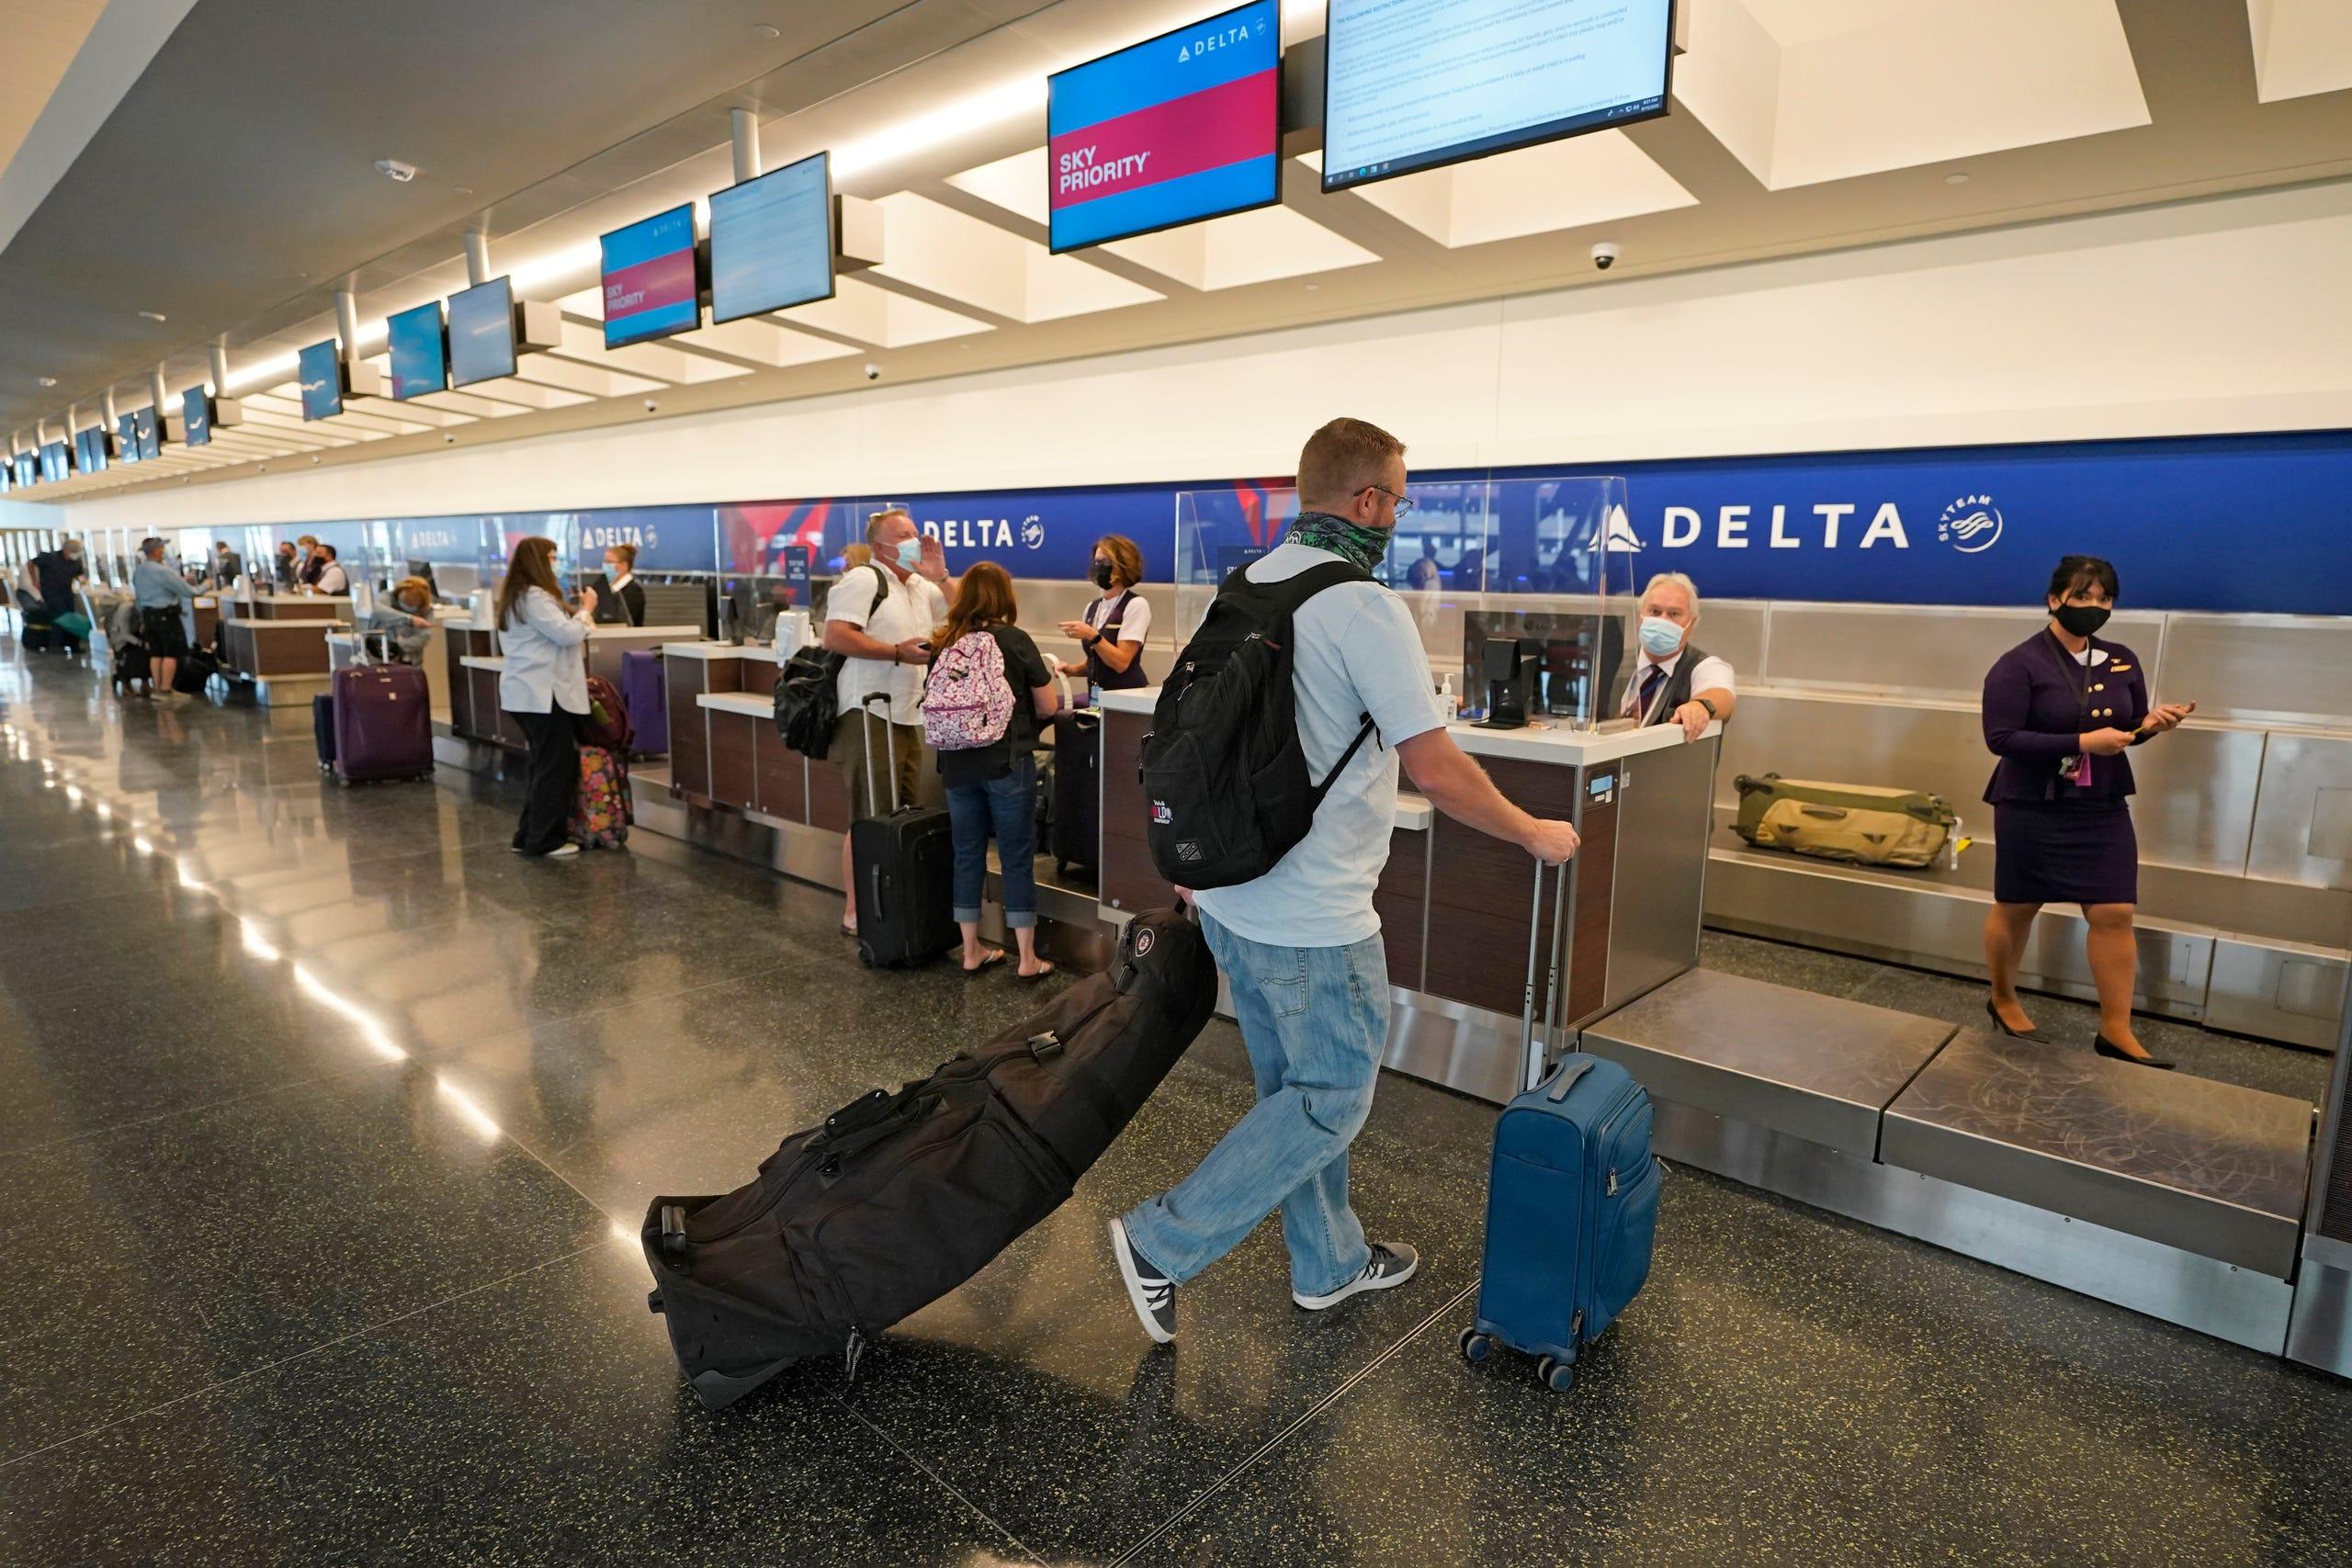 Salt Lake City, Utah, new airport: See inside